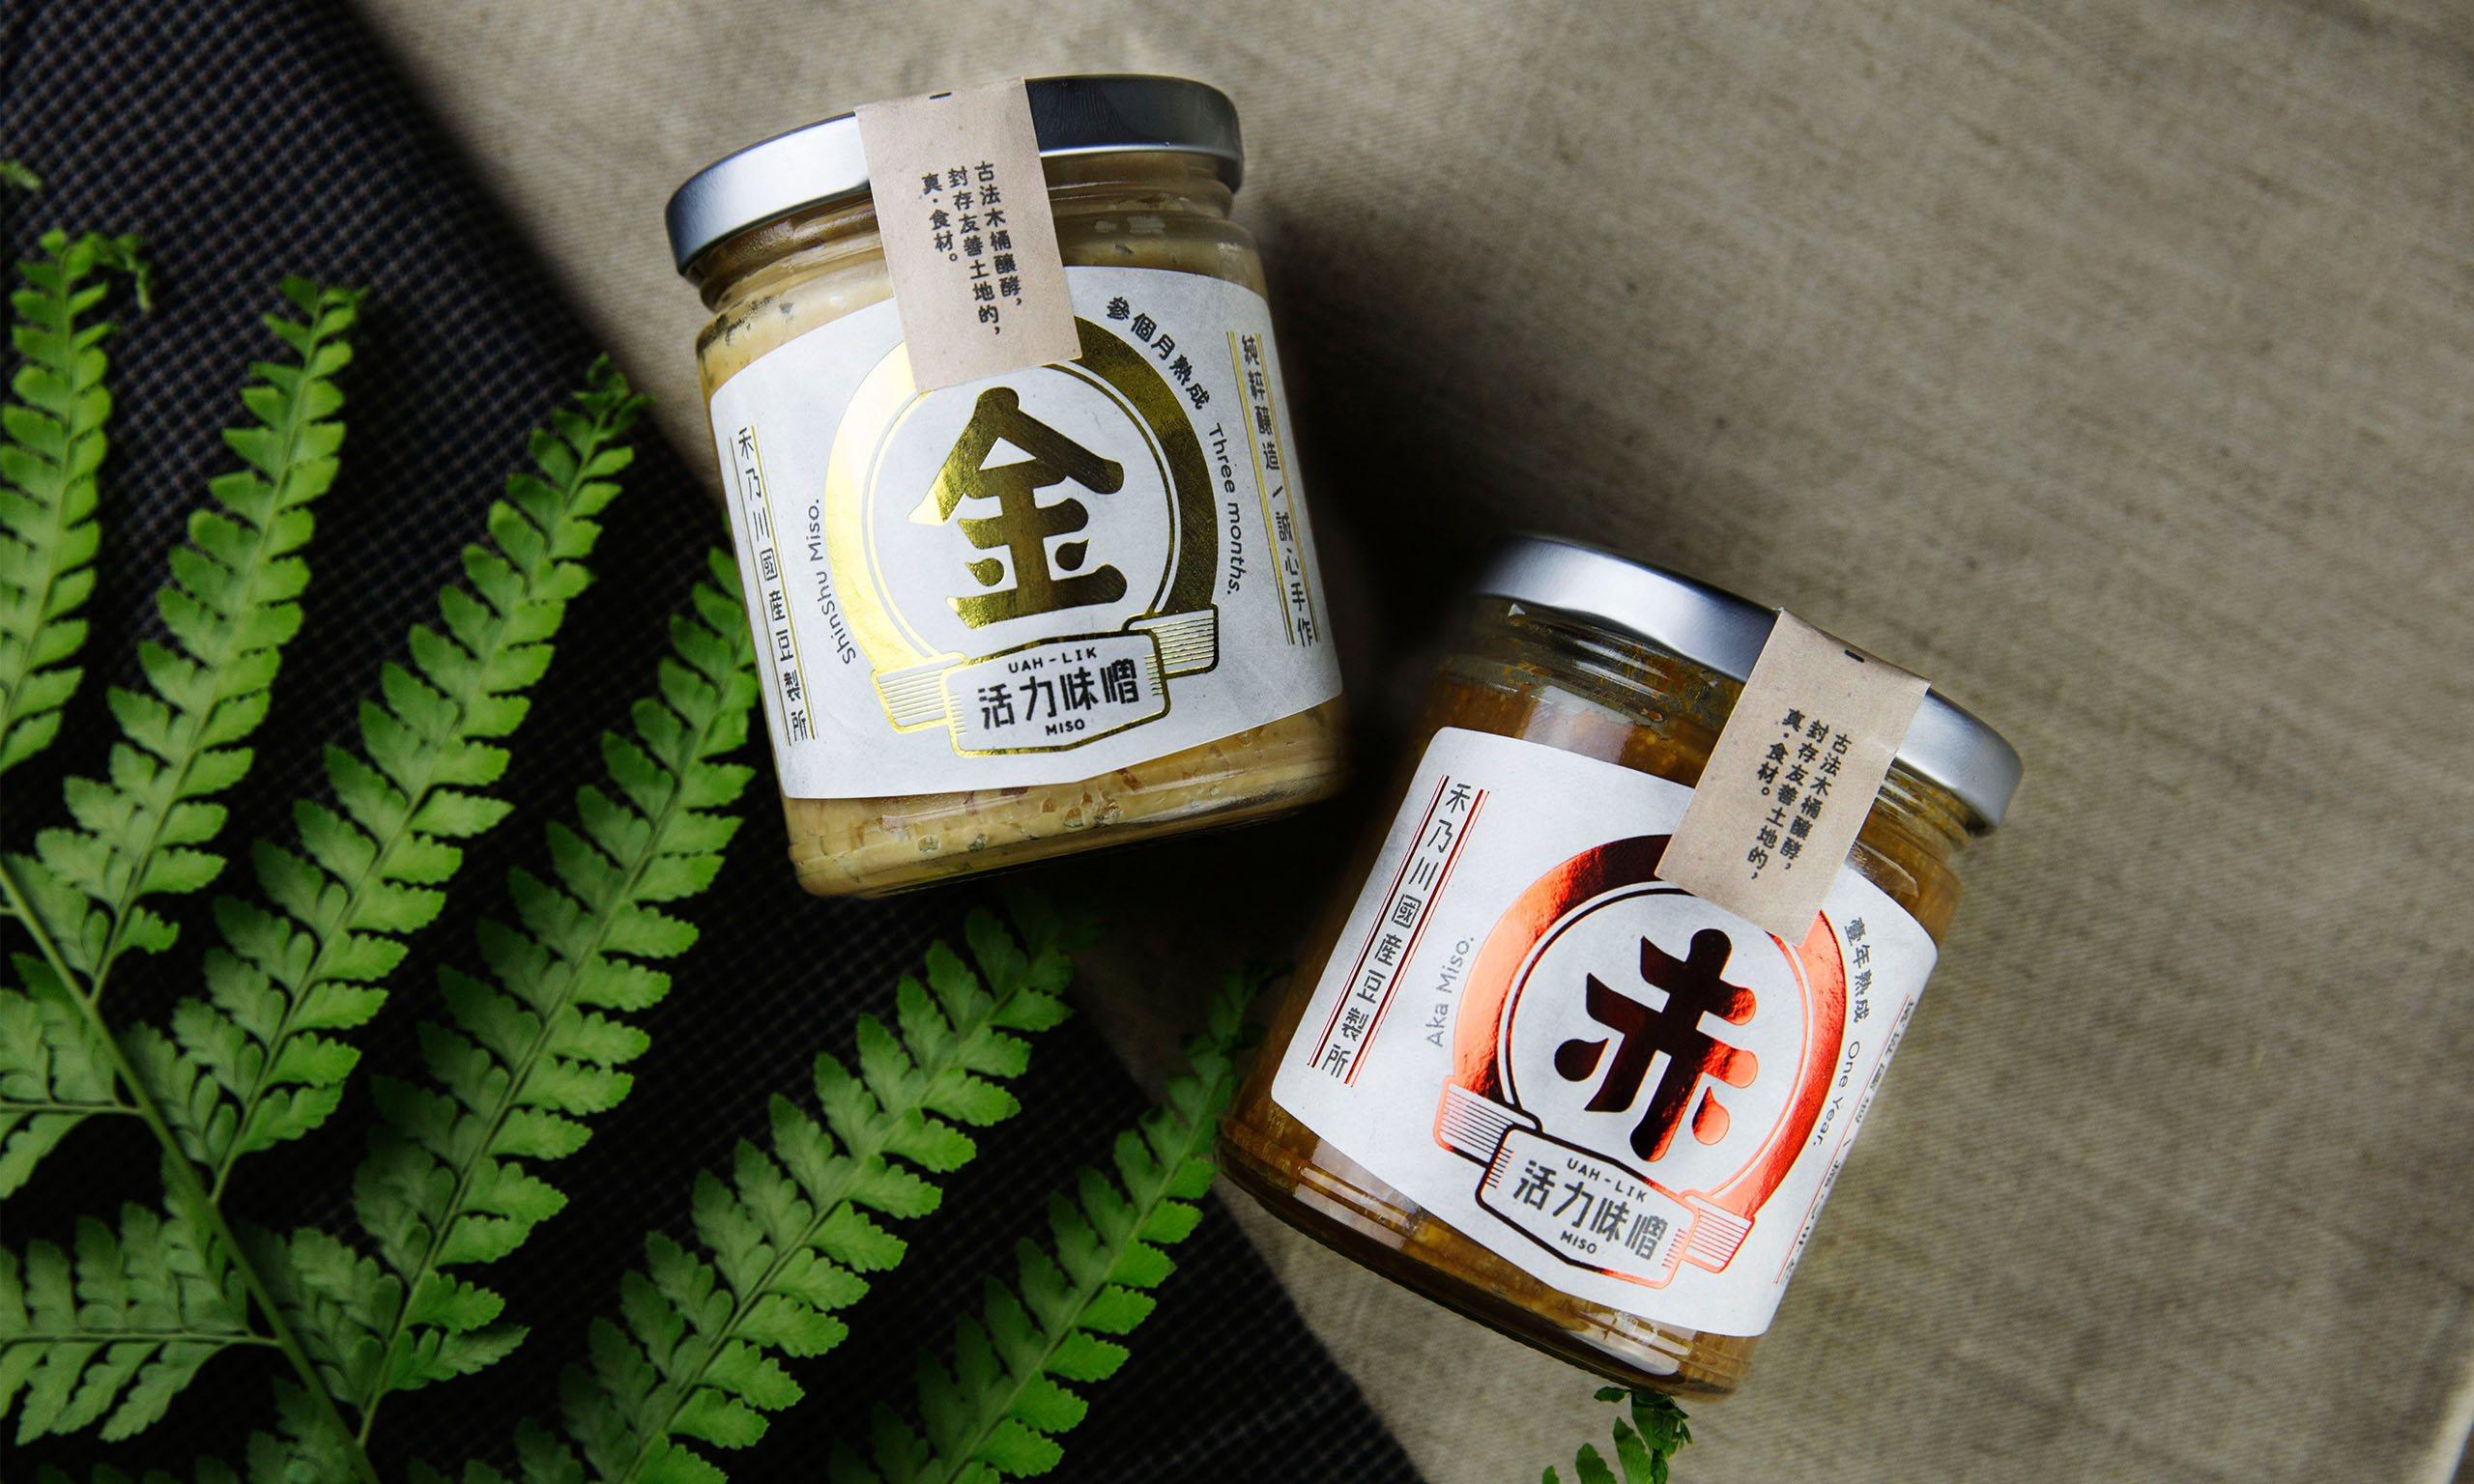 活力味噌 - 選用日本味增老店優良菌種